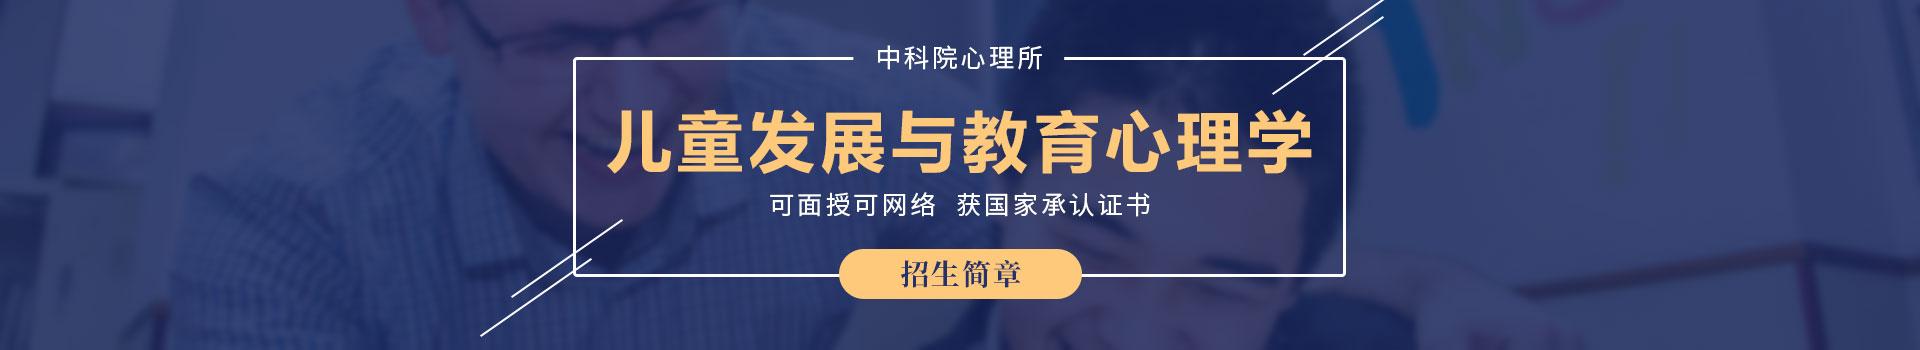 中国科学院心理研究所儿童发展与教育心理学专业招生简章